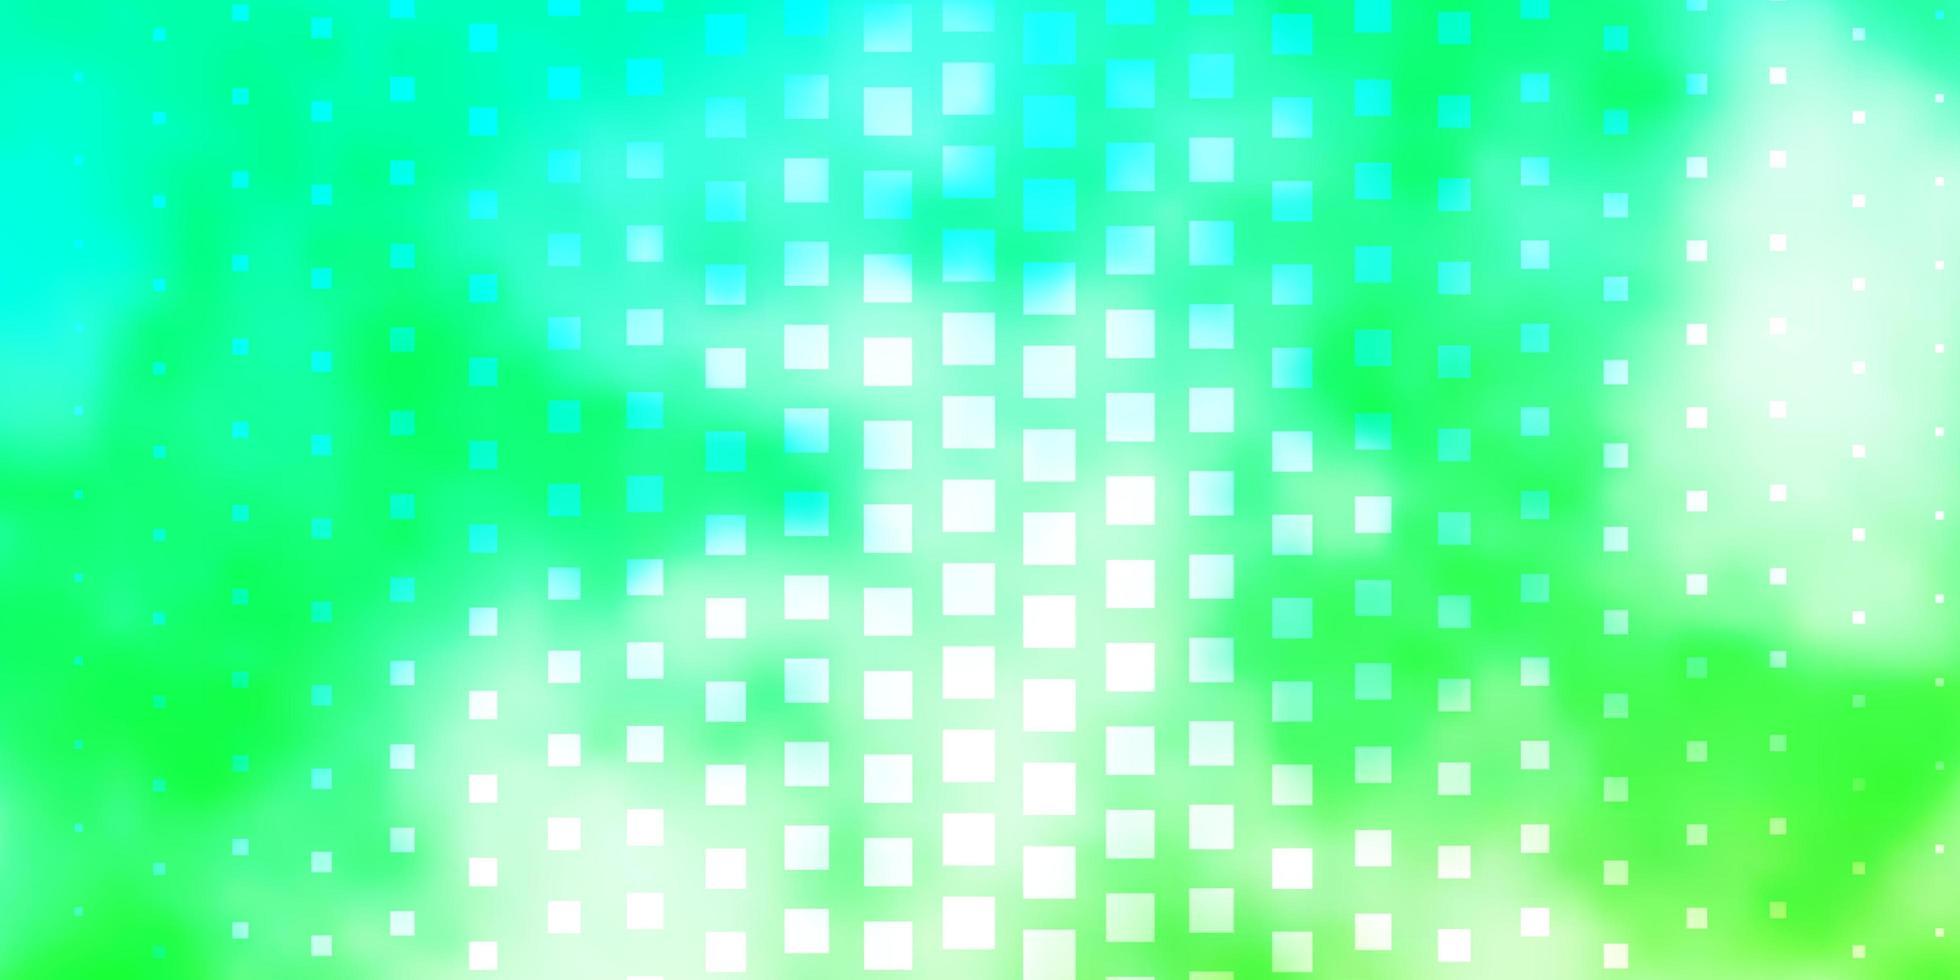 fundo vector azul claro com retângulos